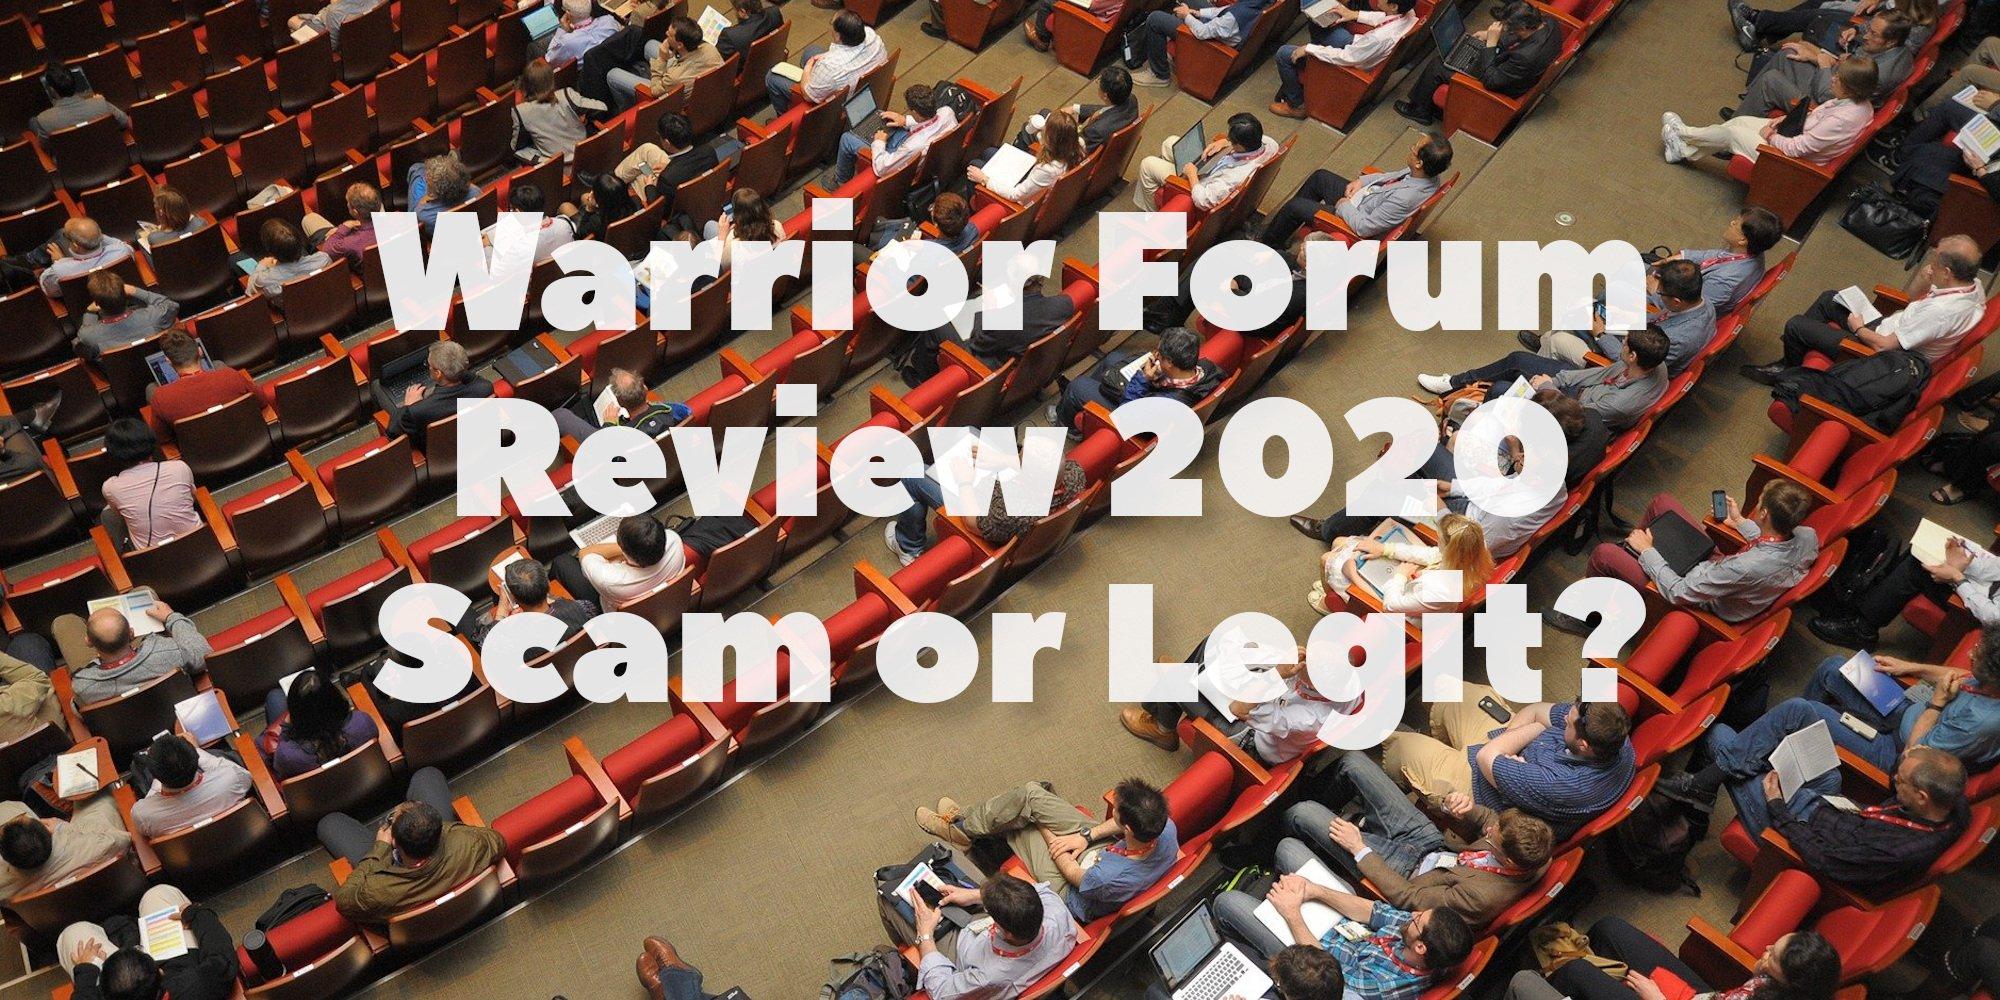 Warrior Forum Review 2020 - Scam or Legit?